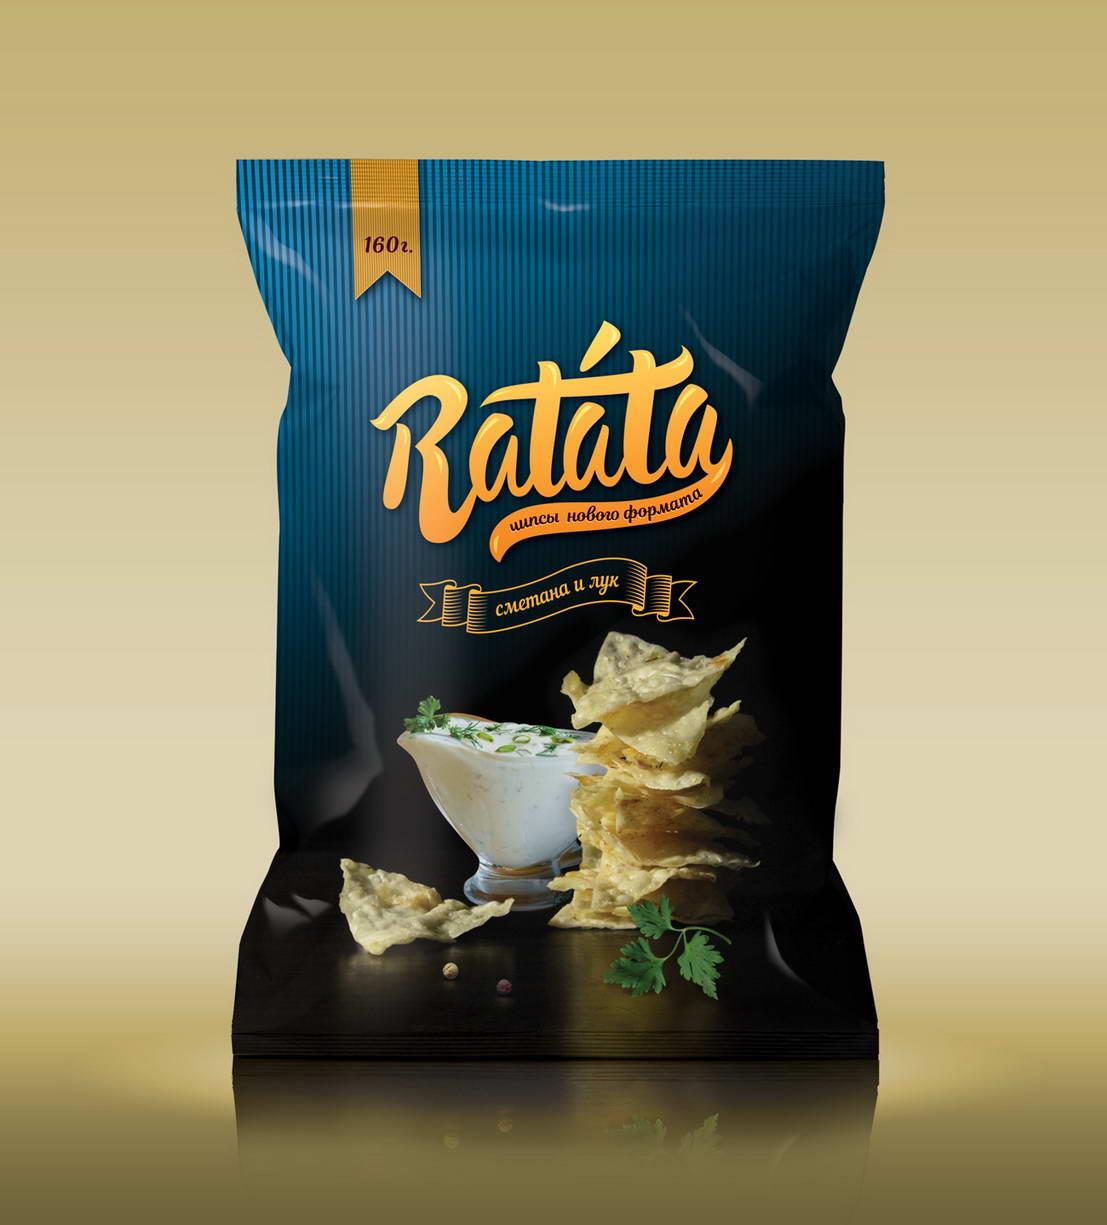 emballage design chips Ratata syrnet fløde og løg